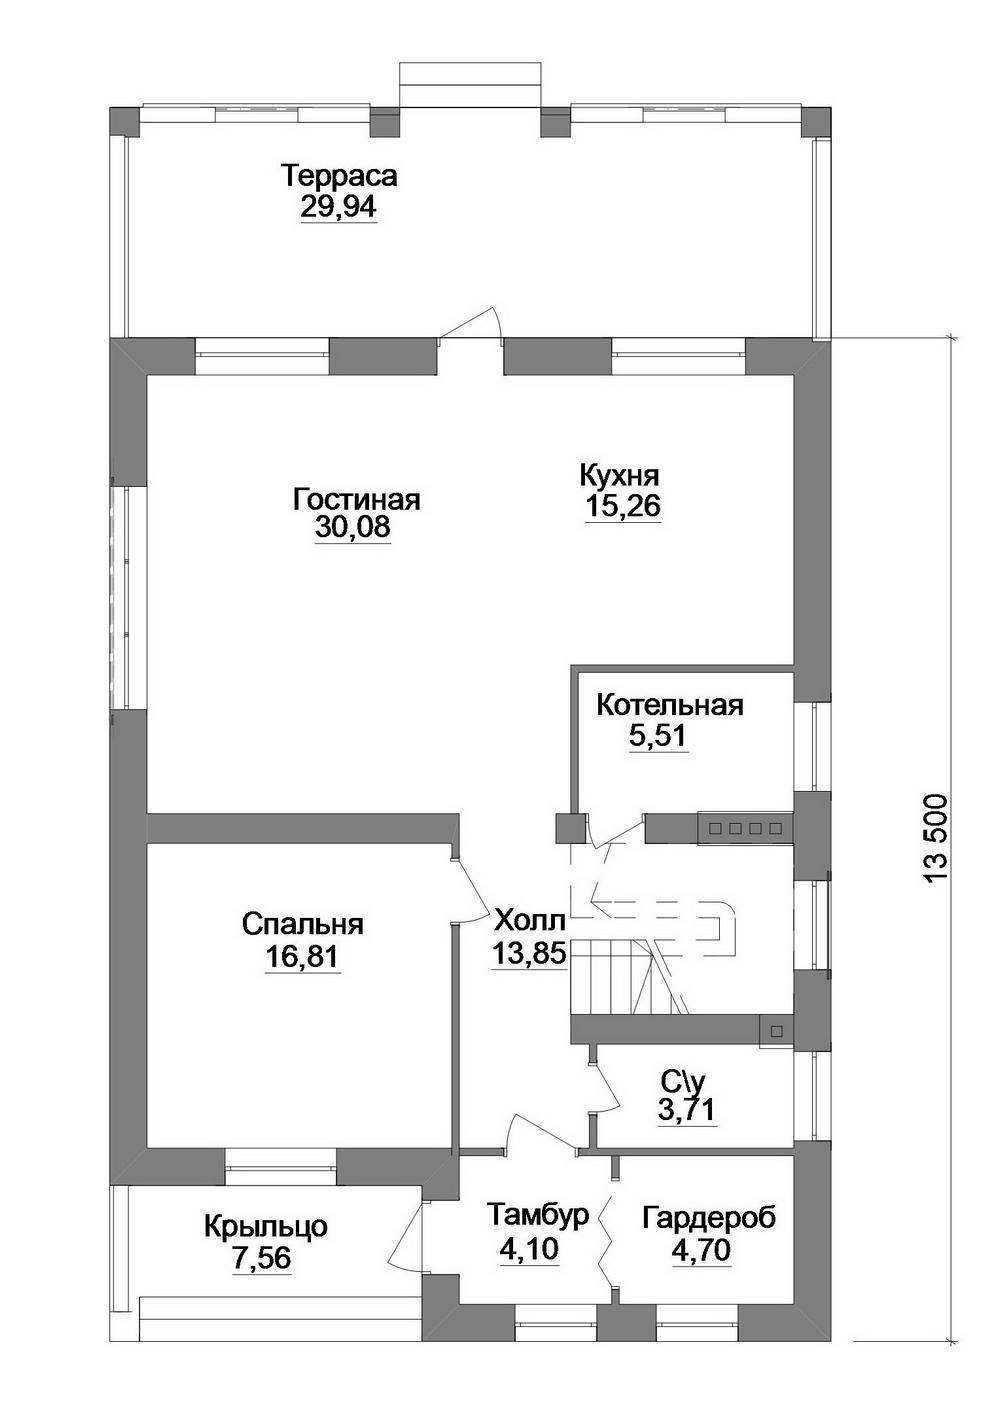 Имбирь D-102. Проект дома с мансардой, четырьмя спальнями и террасой